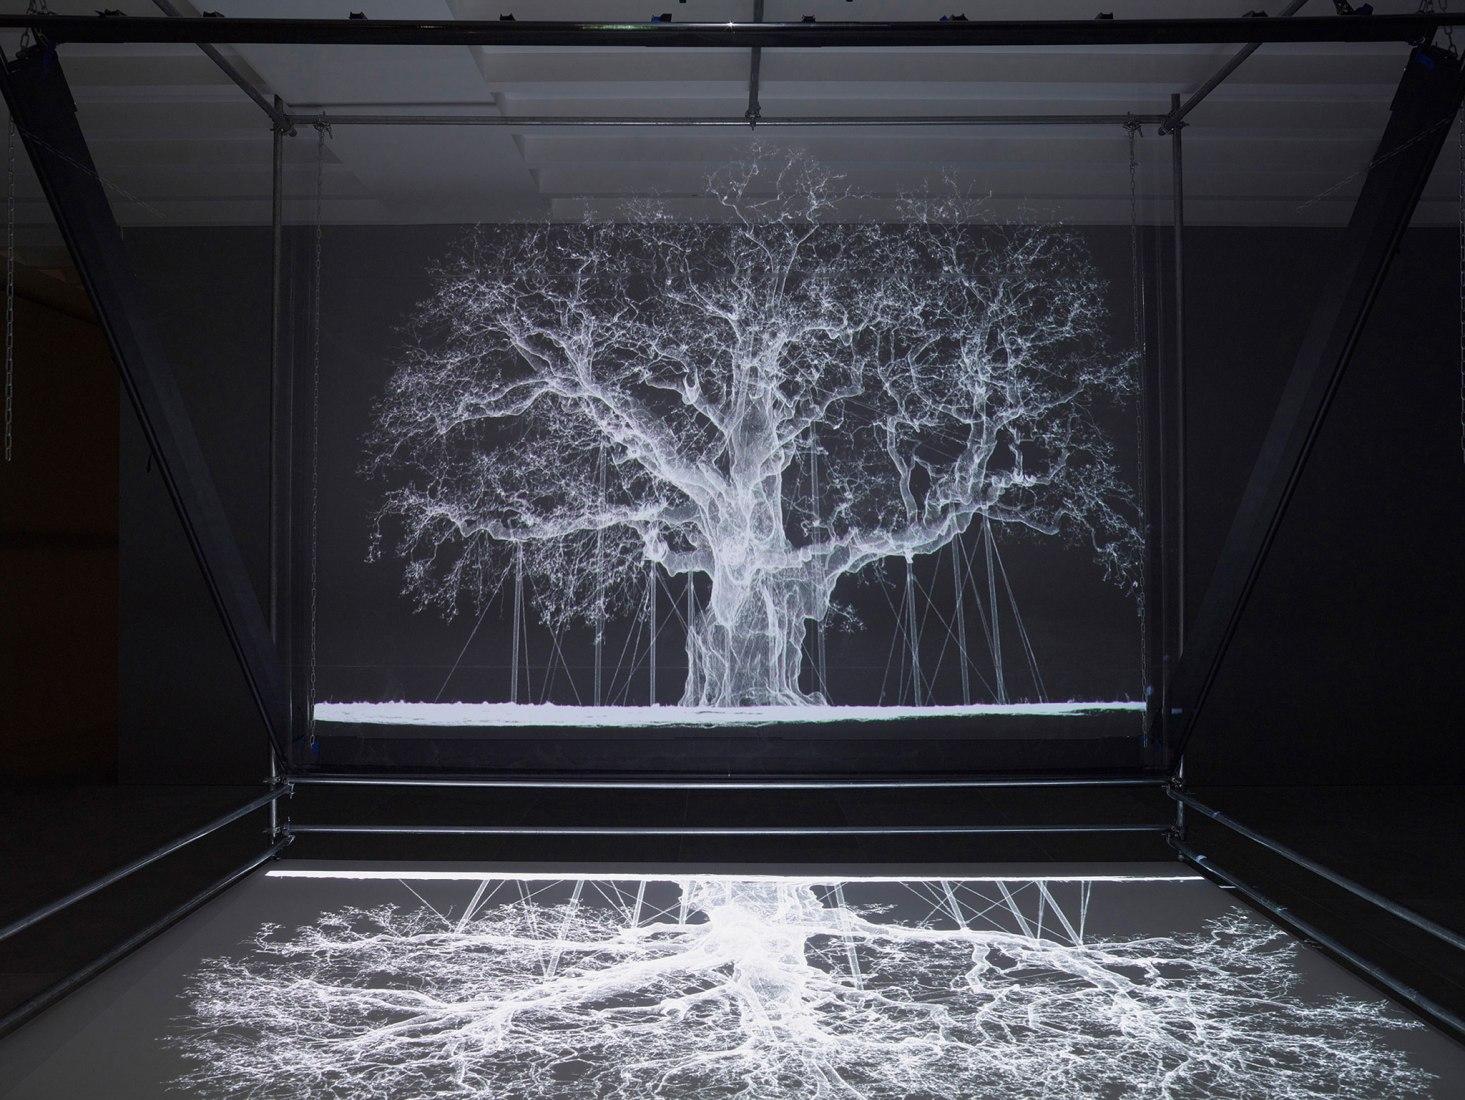 Albion por Mat Collishaw, 2017. Proyector, reproductor, andamio, film transparente espejado, madera, espejo, 427 x 518 x 425 cm. Imagen cortesía del artista y Blain Southern.